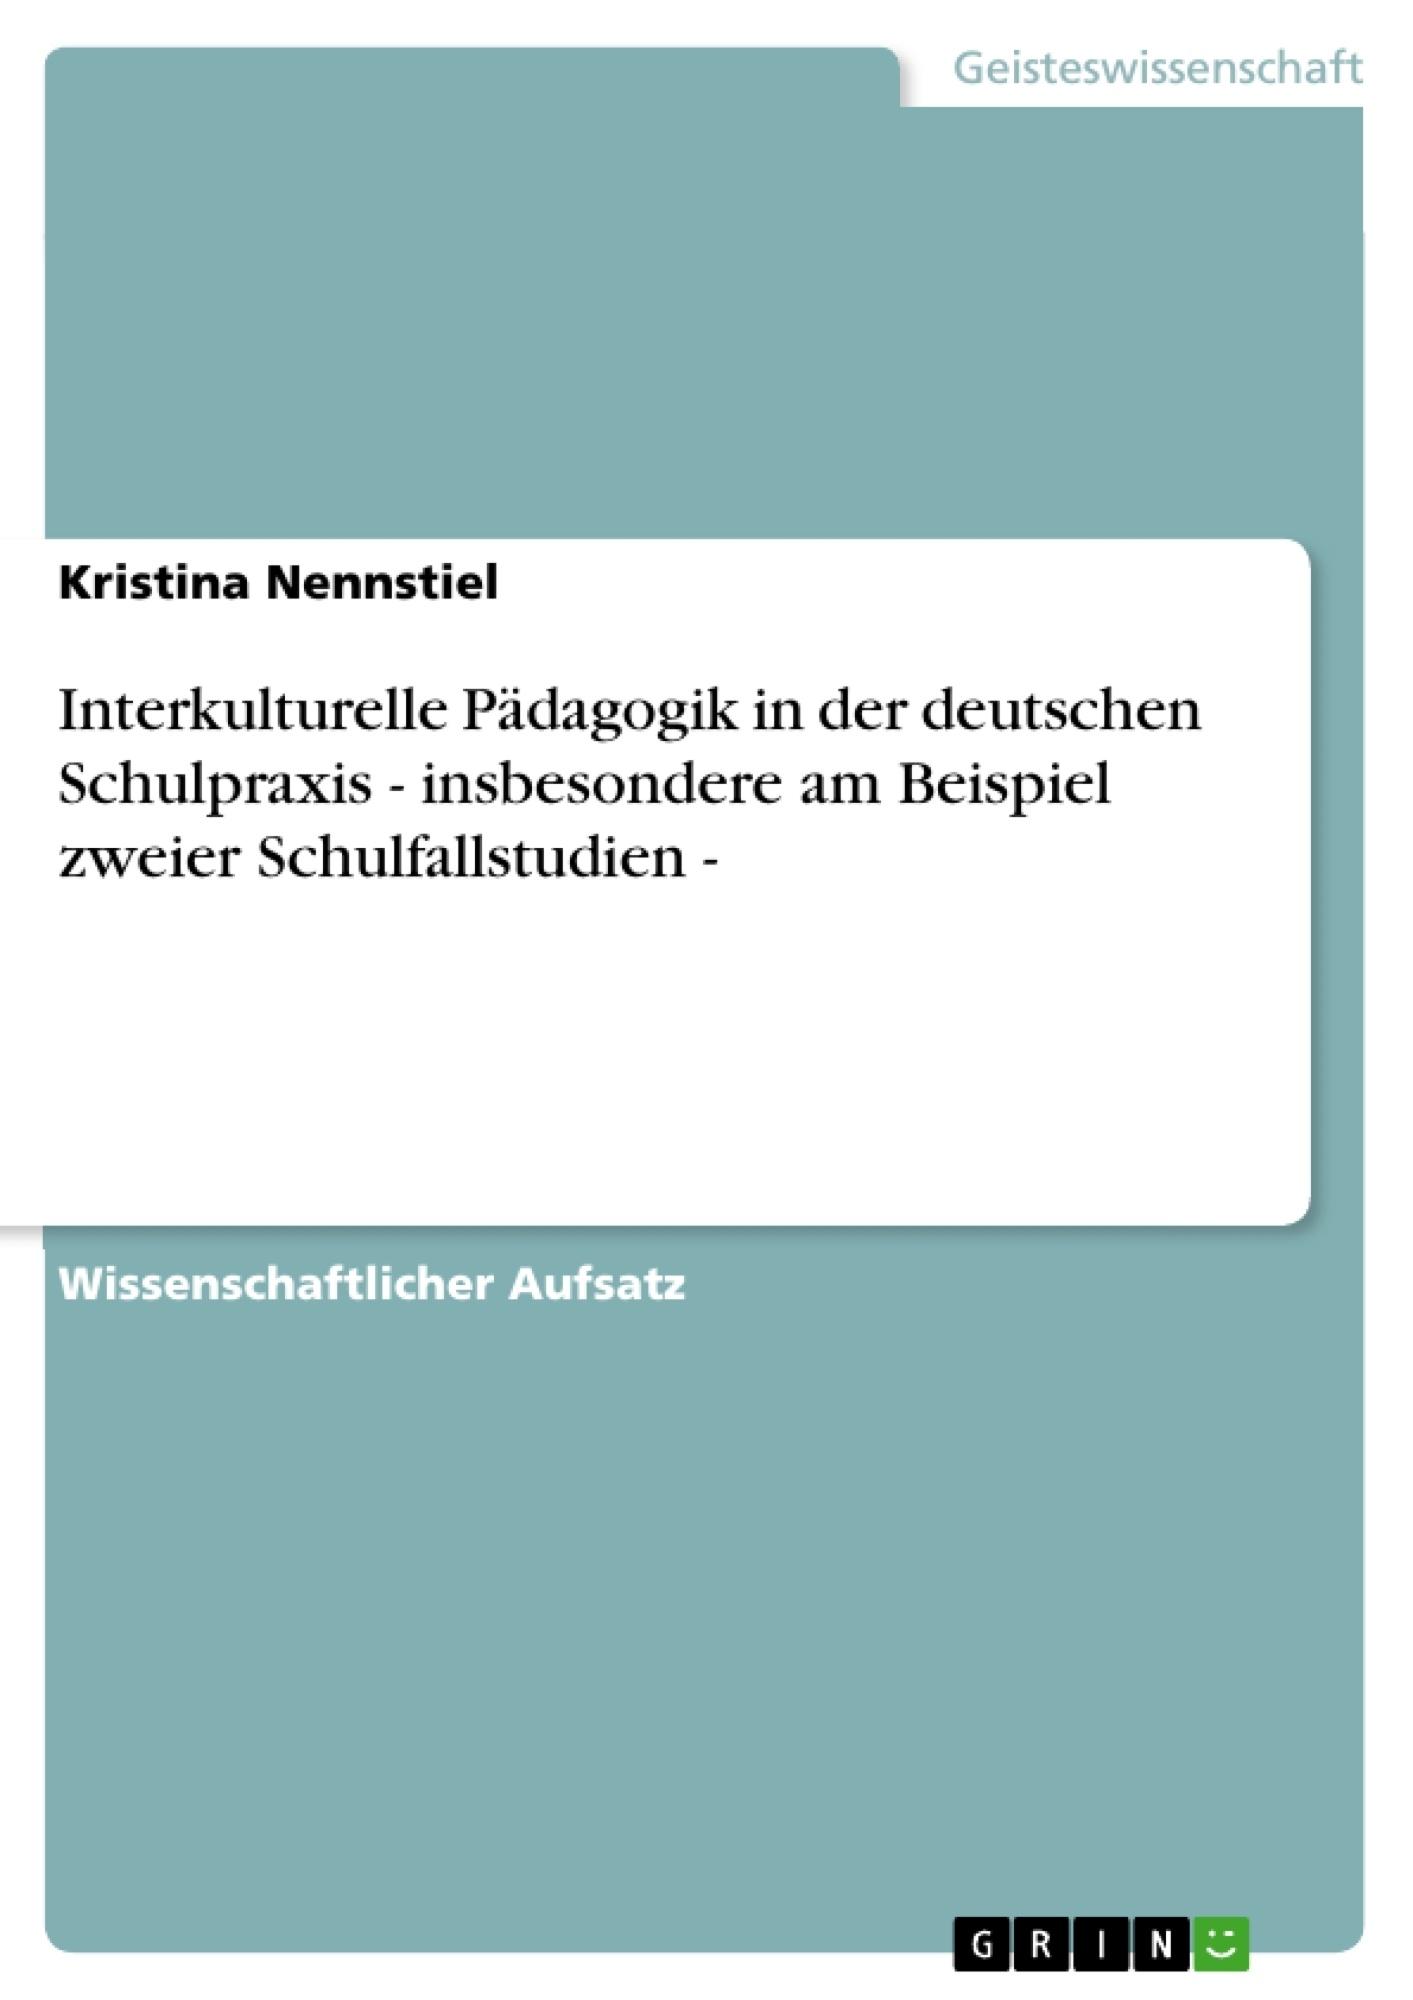 Titel: Interkulturelle Pädagogik in der deutschen Schulpraxis - insbesondere am Beispiel zweier Schulfallstudien -